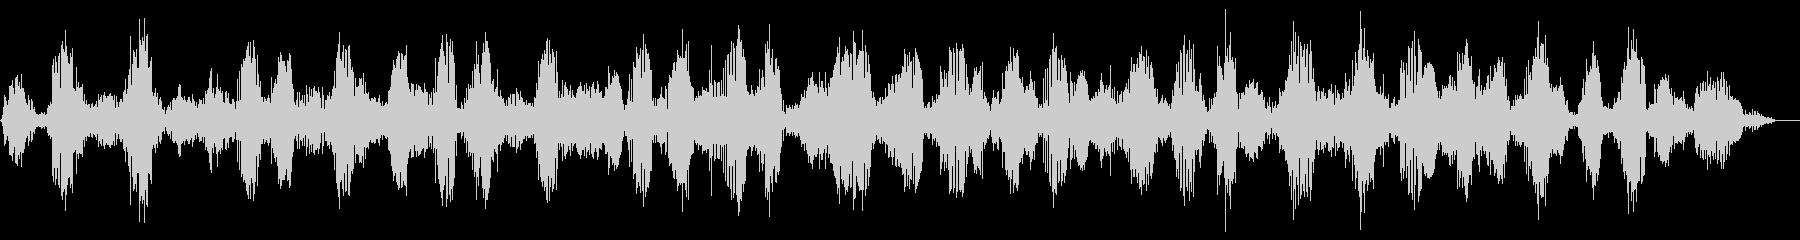 カエルの合唱 (約12秒)の未再生の波形